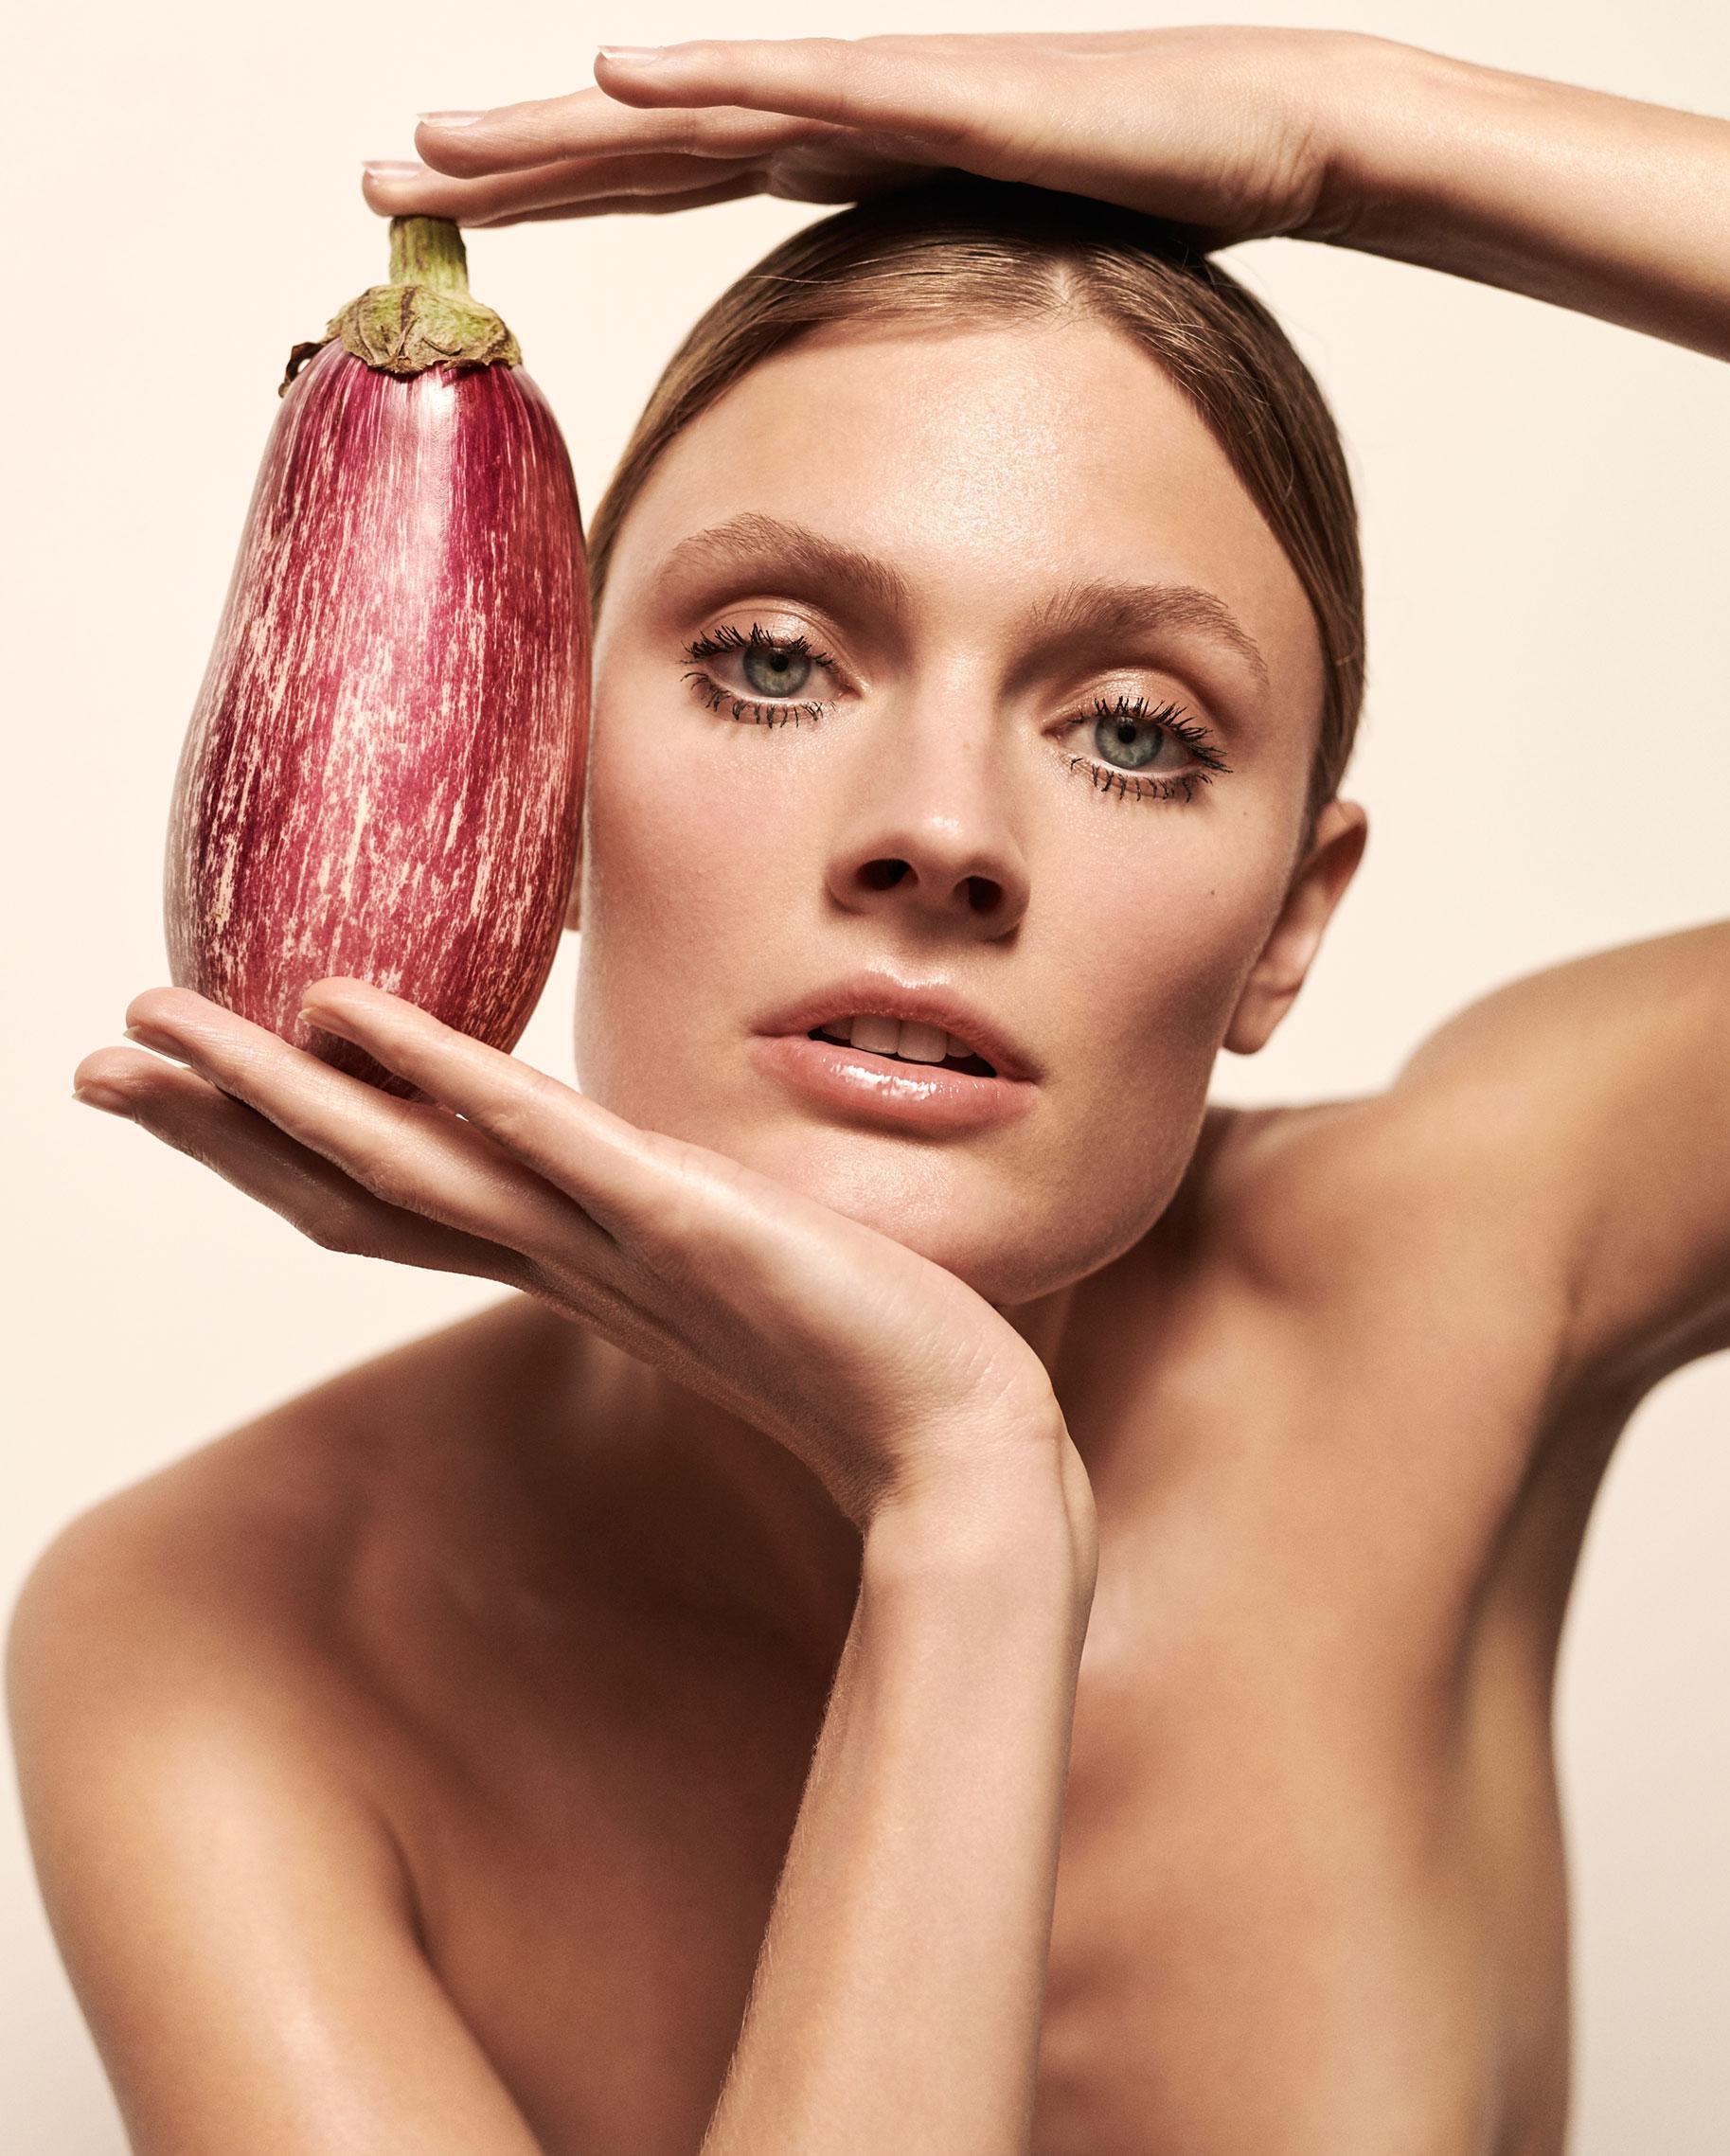 Полезная еда и голая женщина / фото 14